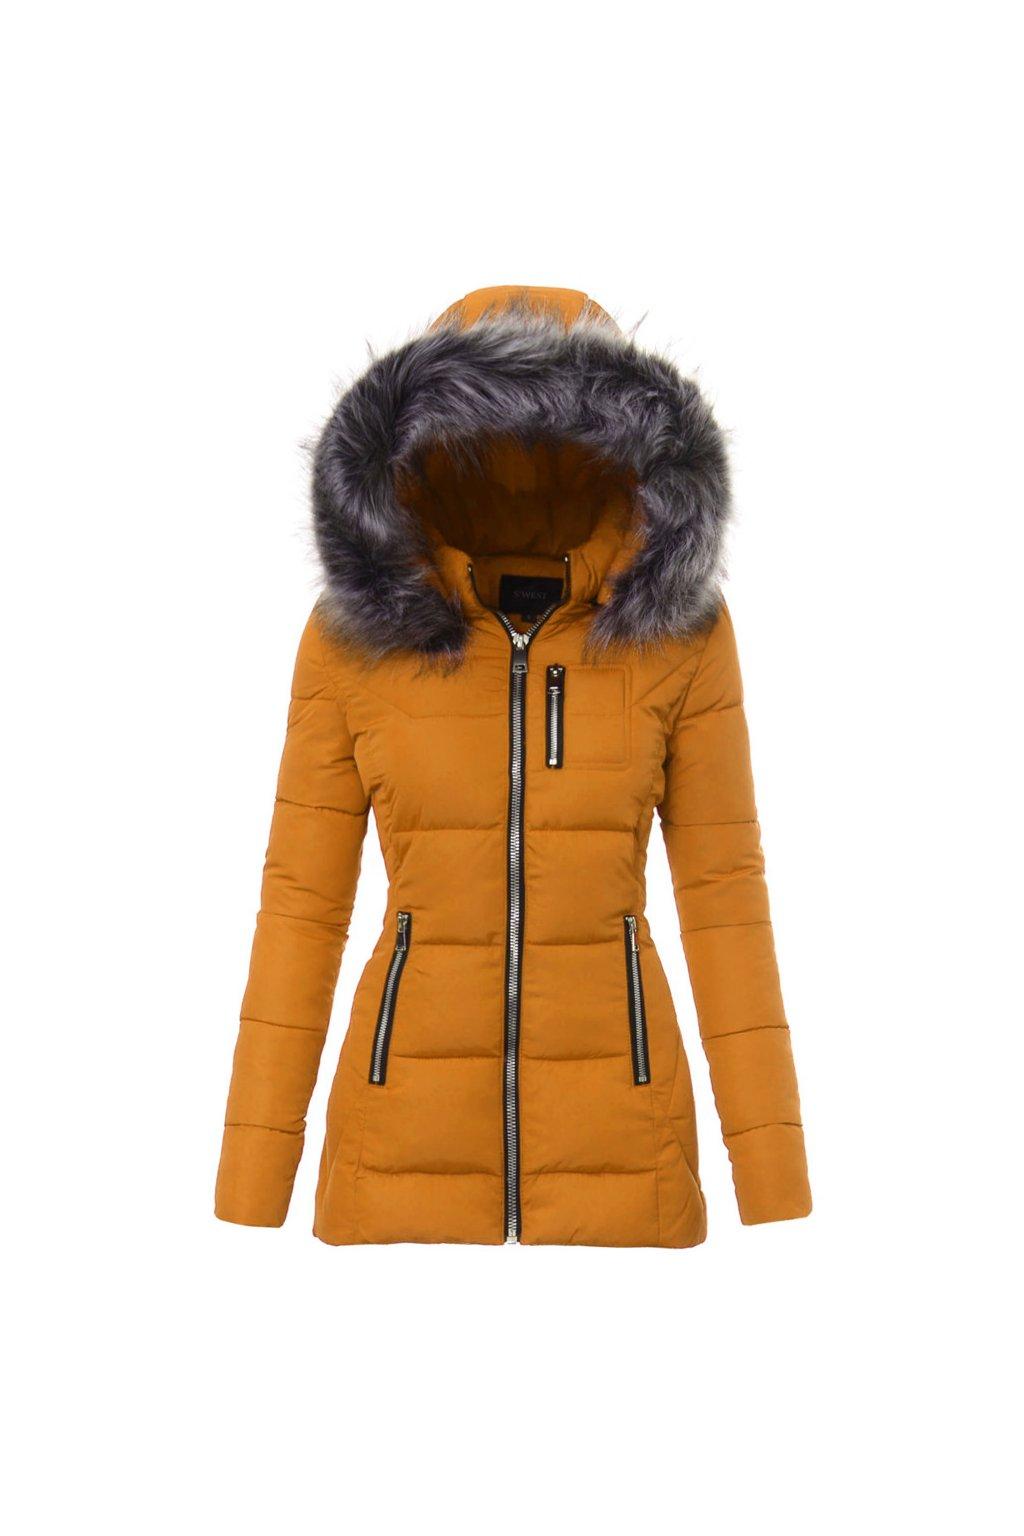 Dámska zimná bunda s kapucňou 3042 čierna - Tentation.sk cfea52a7498